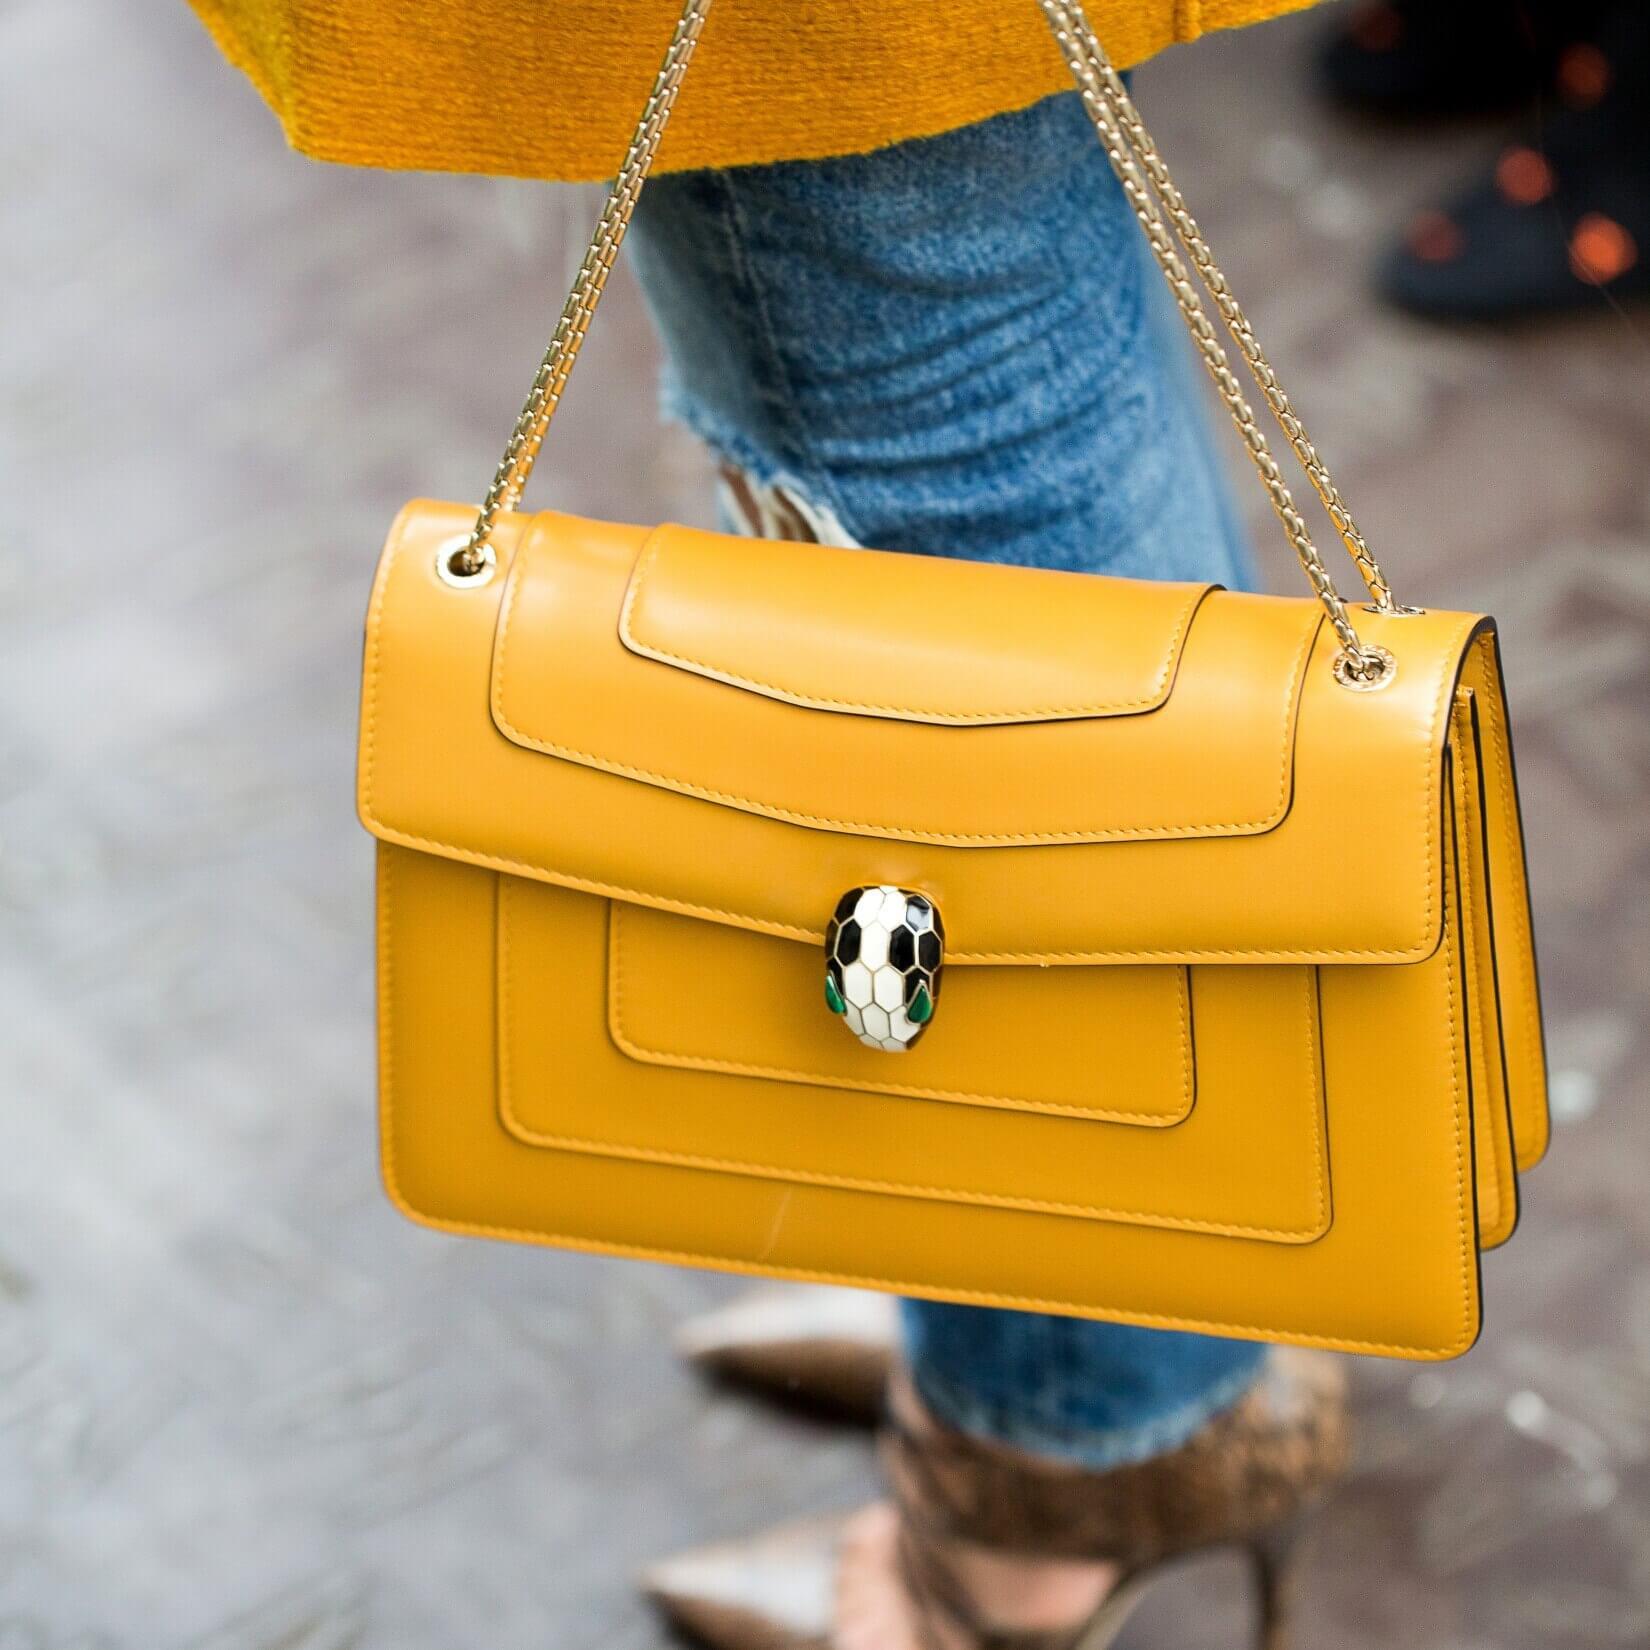 10 sacs jaunes pour changer du cuir noir